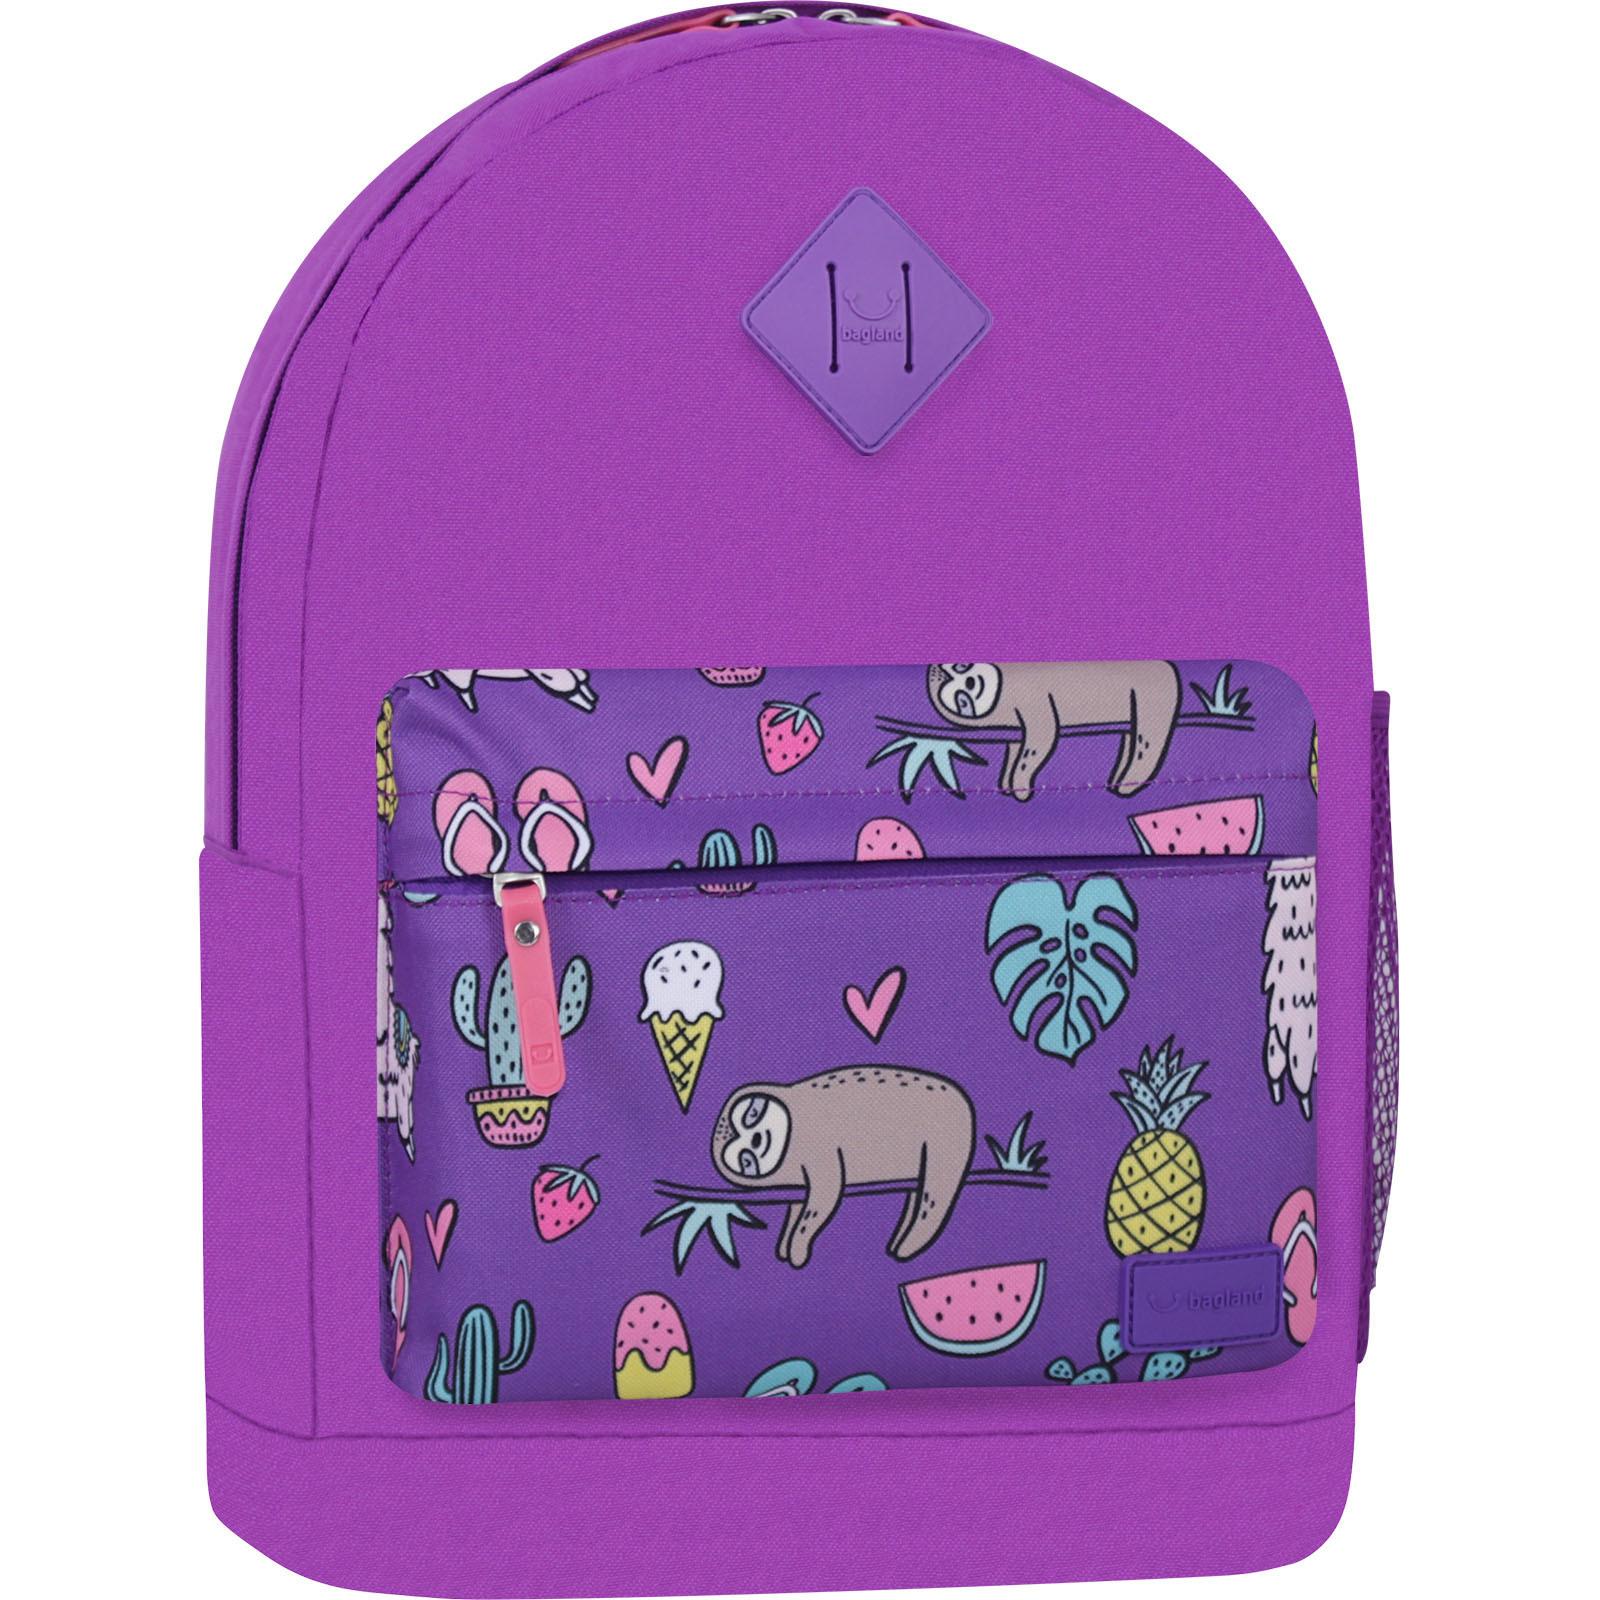 Молодежные рюкзаки Рюкзак Bagland Молодежный W/R 17 л. 339 Фиолетовый 770 (00533662) IMG_7357_суб770_-1600.jpg